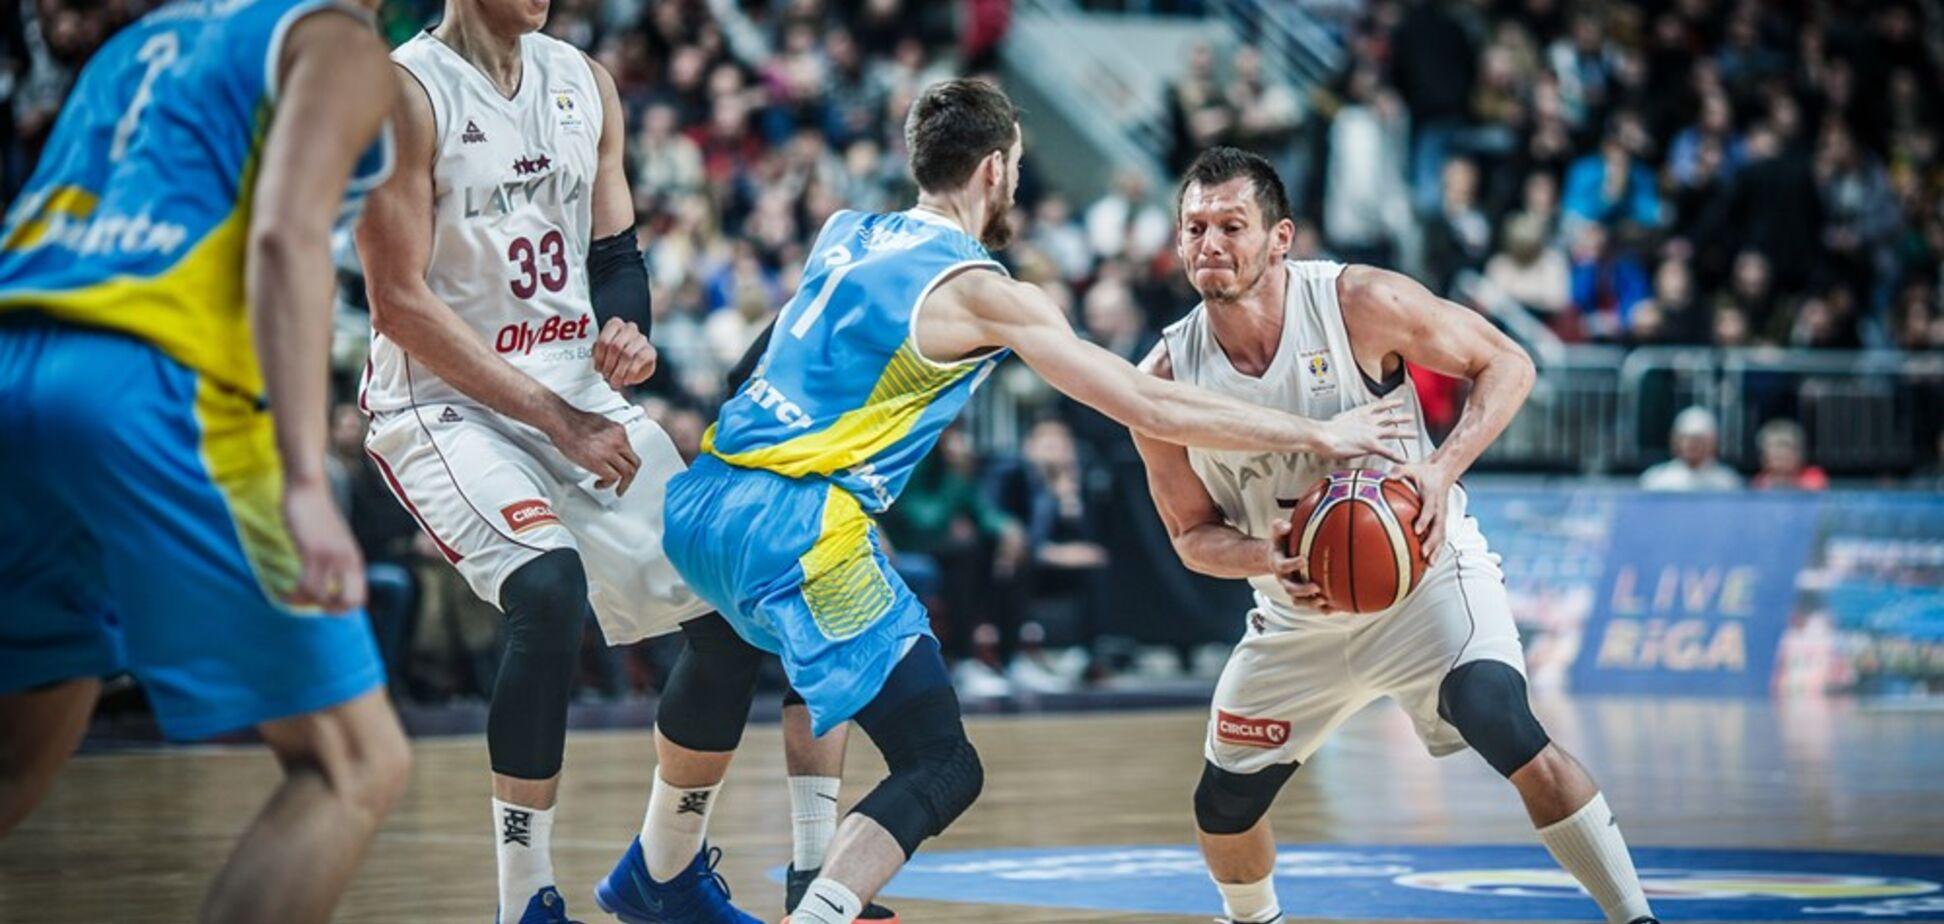 Збірна України здобула впевнену перемогу на виїзді у відборі на Кубок світу з баскетболу-2019